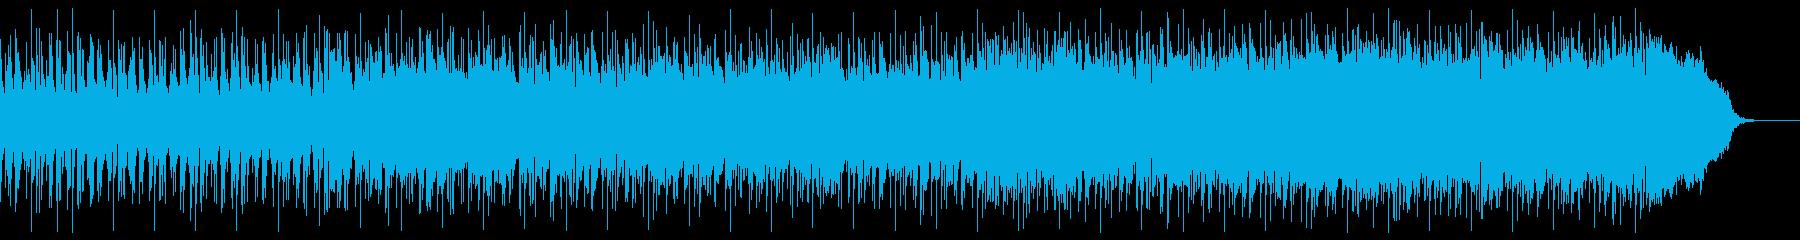 ほのぼのした雰囲気のエレクトロの再生済みの波形